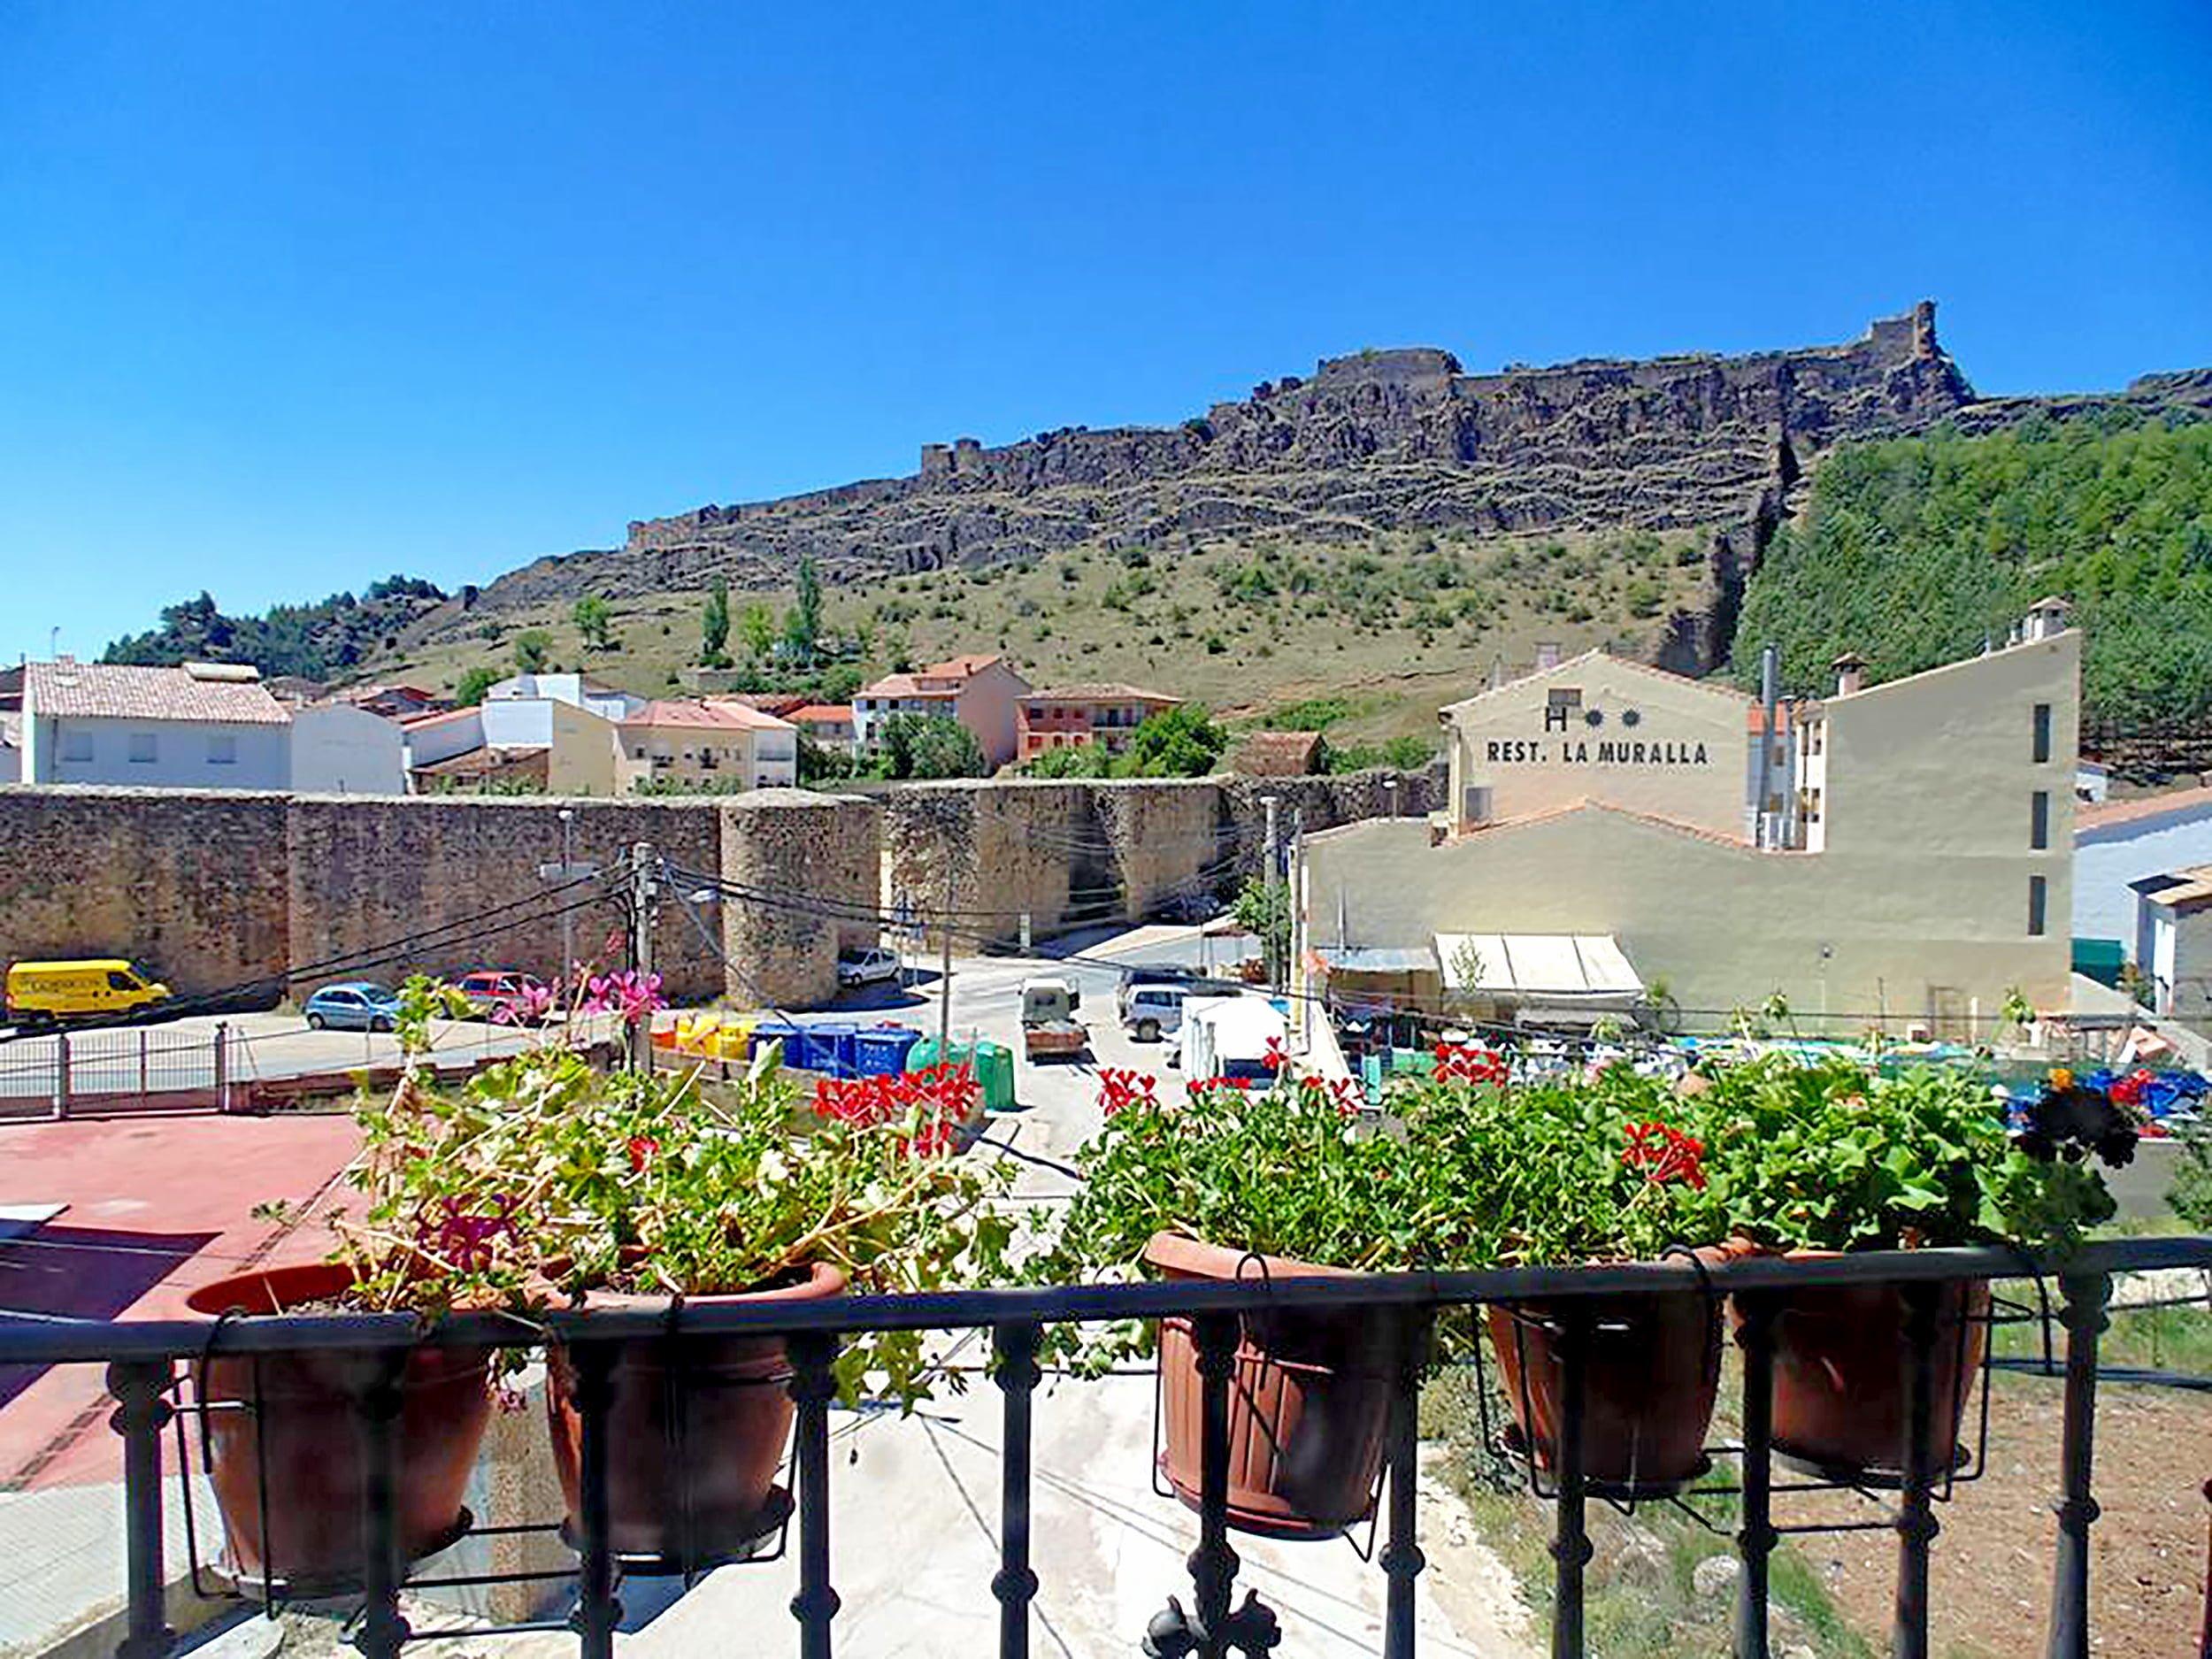 Complejo turístico La Muralla de Cañete - Cuenca